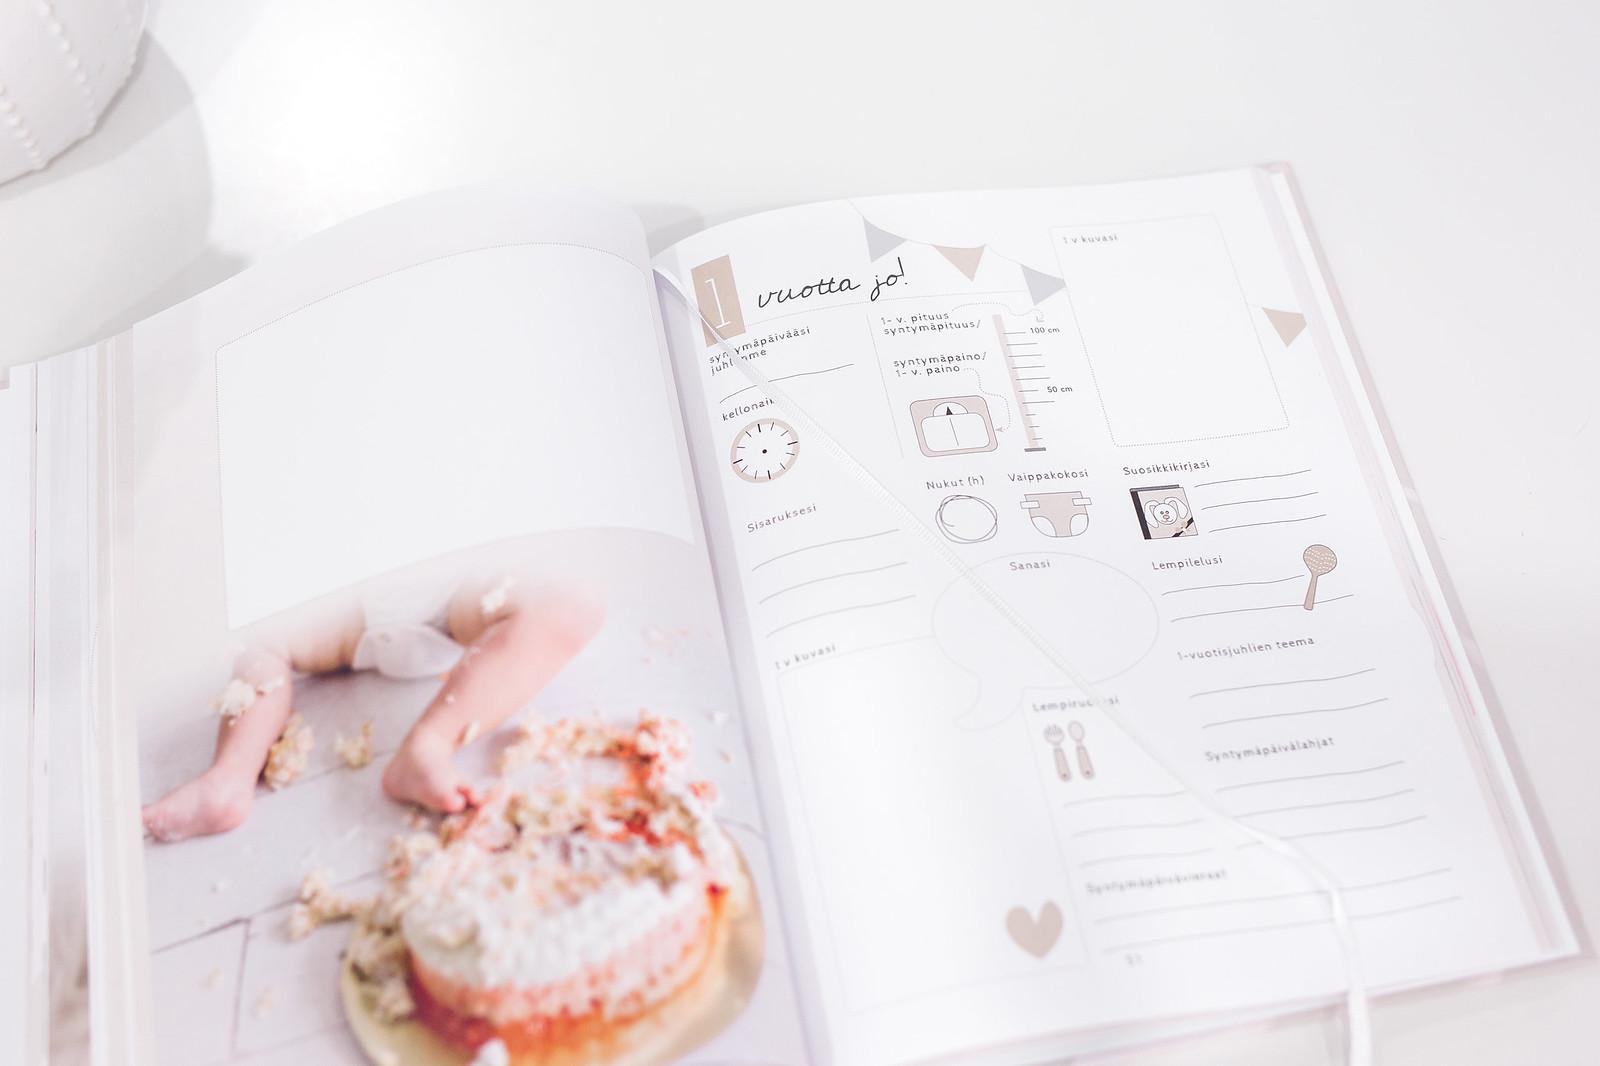 pieni ja täydellinen vauvakirja sivut